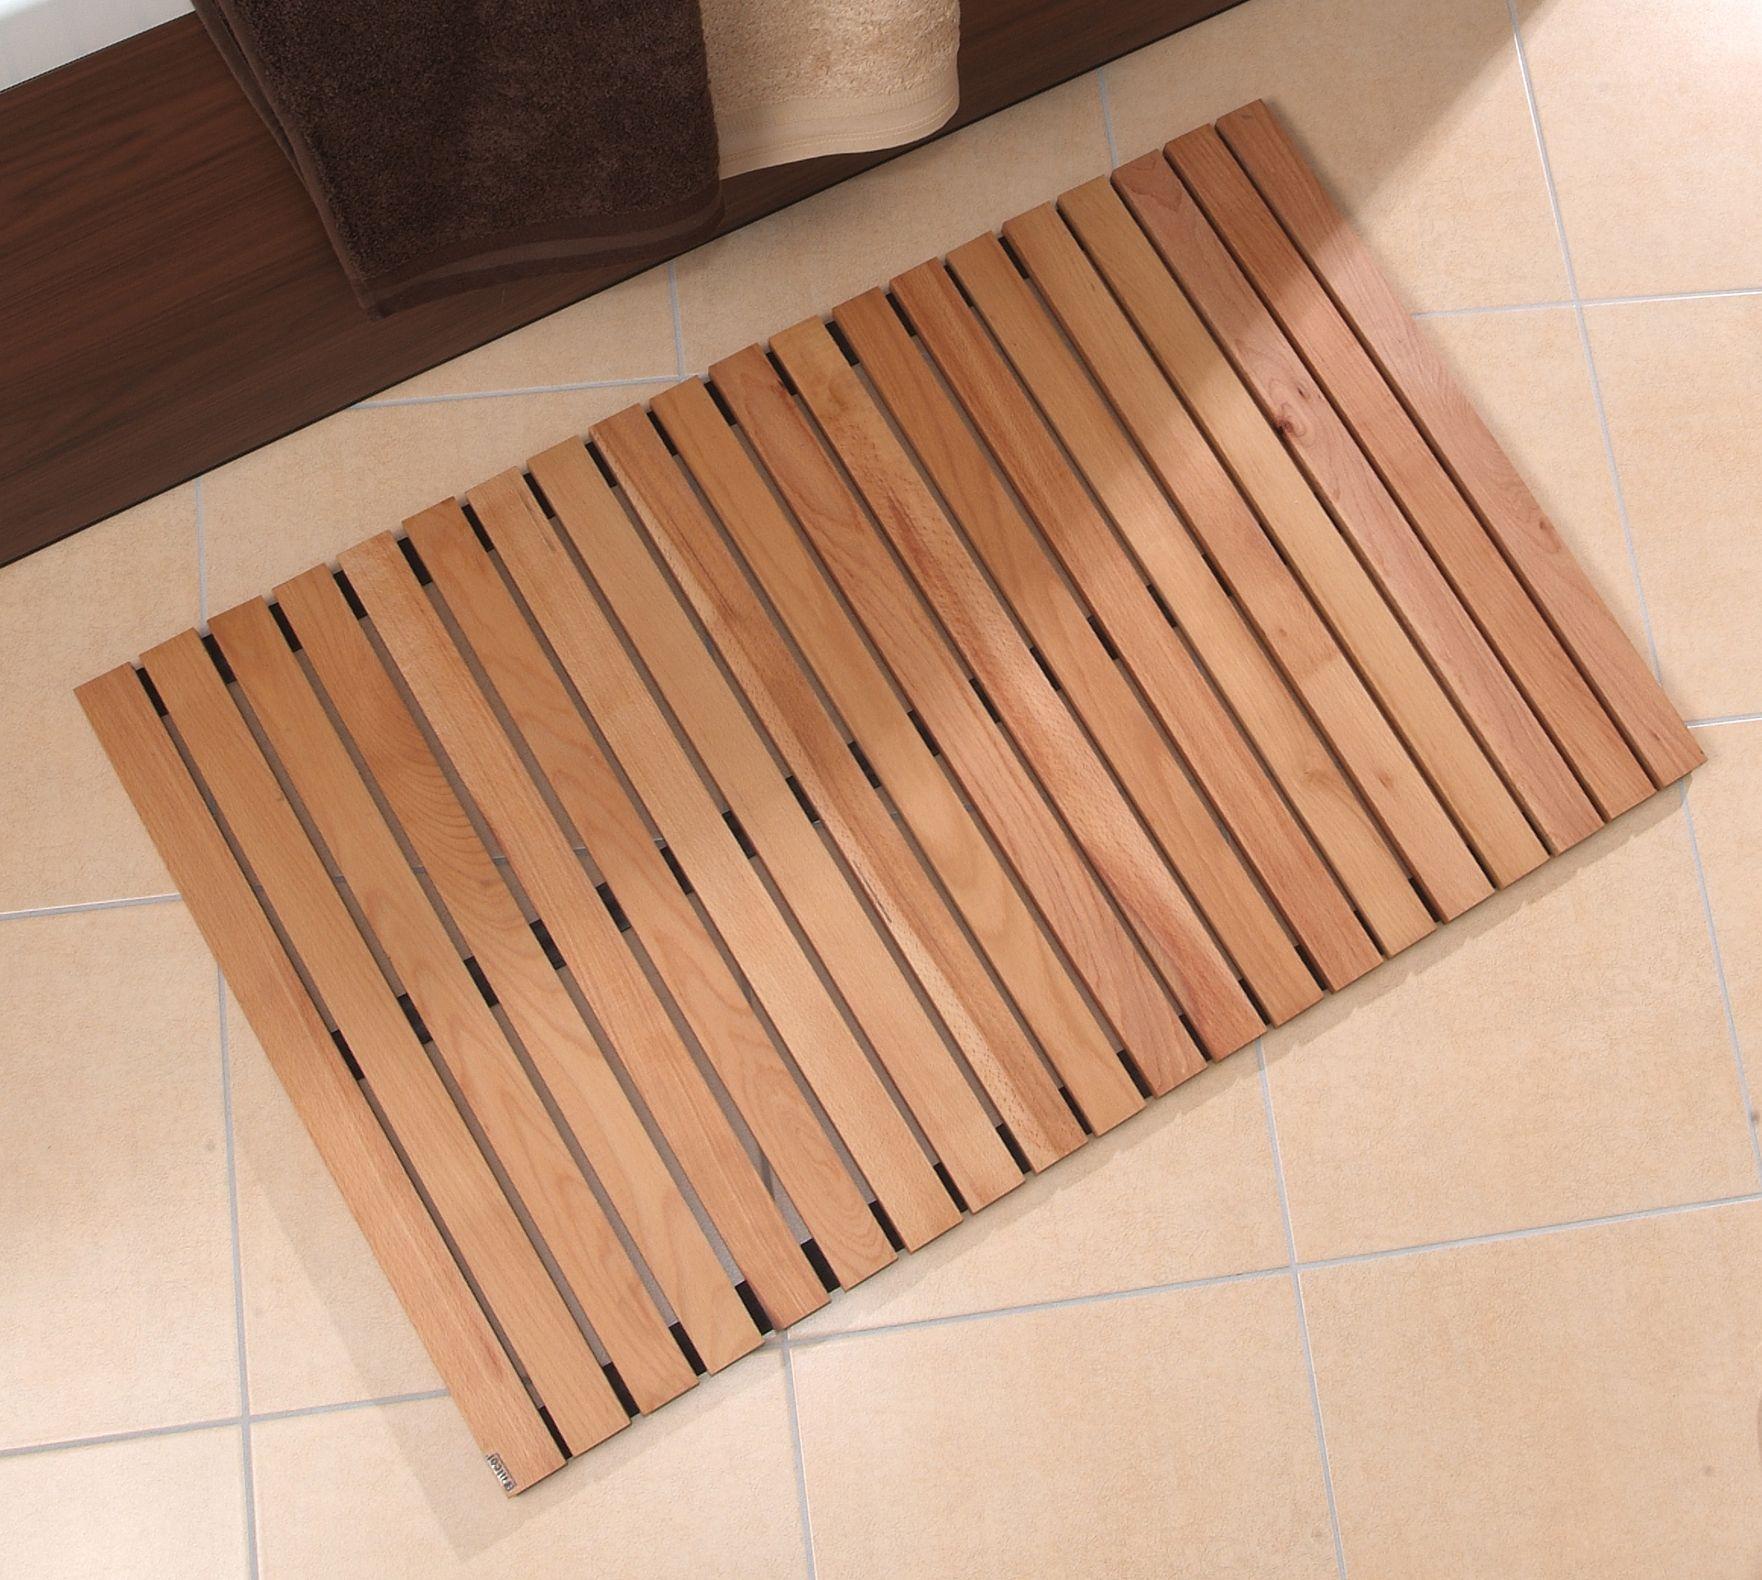 badvorleger holz in buche ge lt die holzbadematte ist mit einer antirutsch lasche ausgestattet. Black Bedroom Furniture Sets. Home Design Ideas